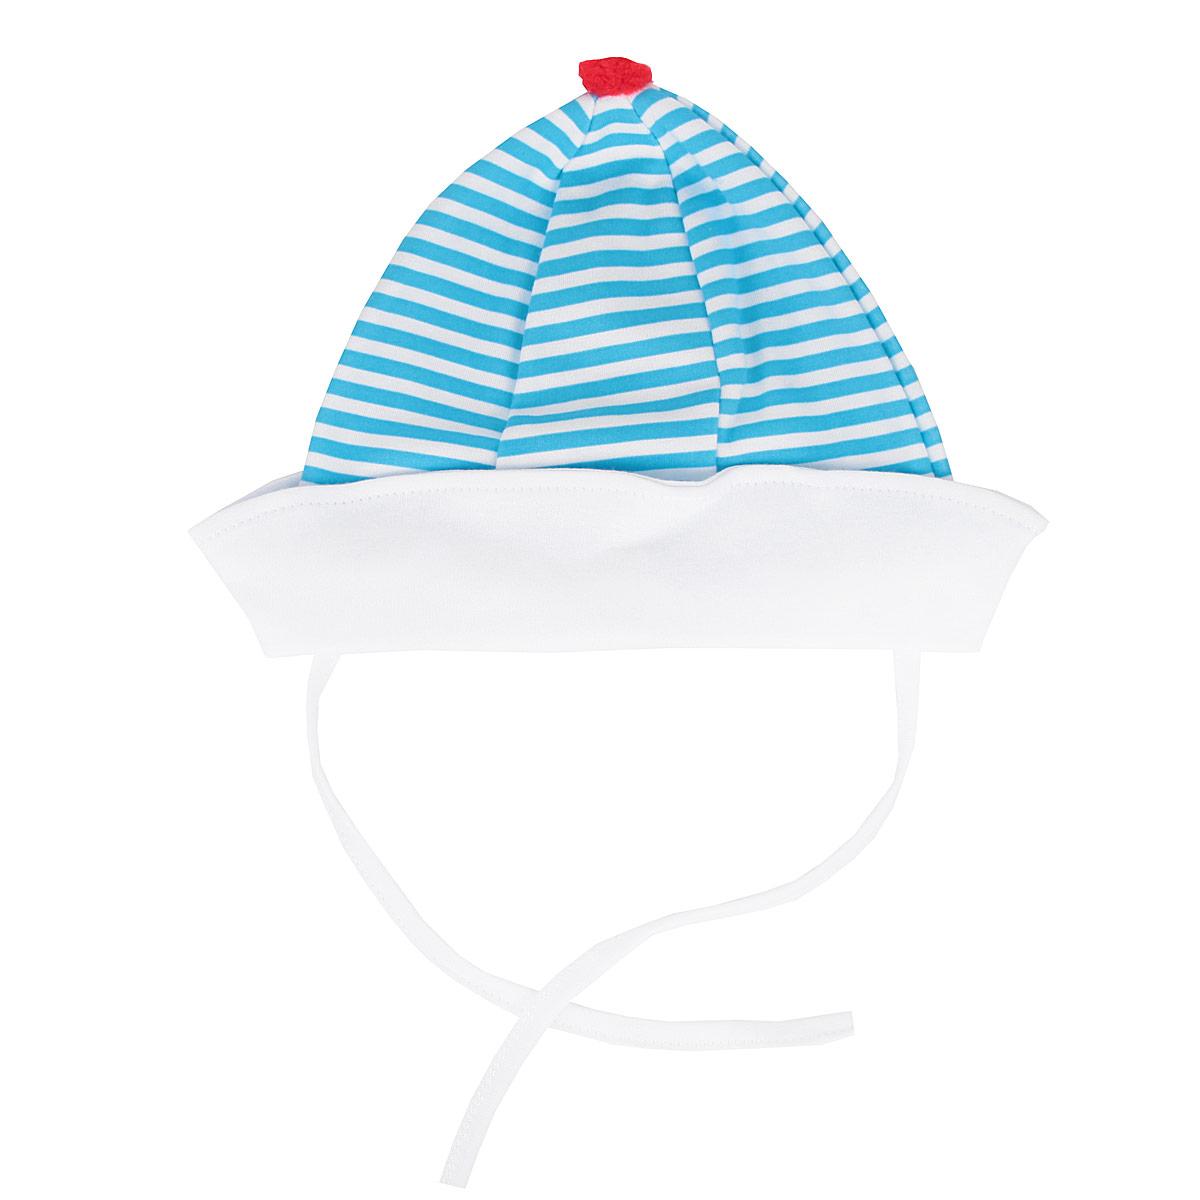 3861Мягкая очаровательная шапочка для мальчика КотМарКот, изготовленная из интерлока - натурального хлопка, не раздражает нежную кожу ребенка, защищая еще не заросший родничок младенца. Шапочка оформлена принтом в полоску и дополнена широким отворотом. На макушке изделие украшена контрастным помпоном. Завязки позволяют регулировать обхват и надежно фиксировать шапочку на голове малыша. В такой шапочке ваш малыш всегда будет в центре внимания!